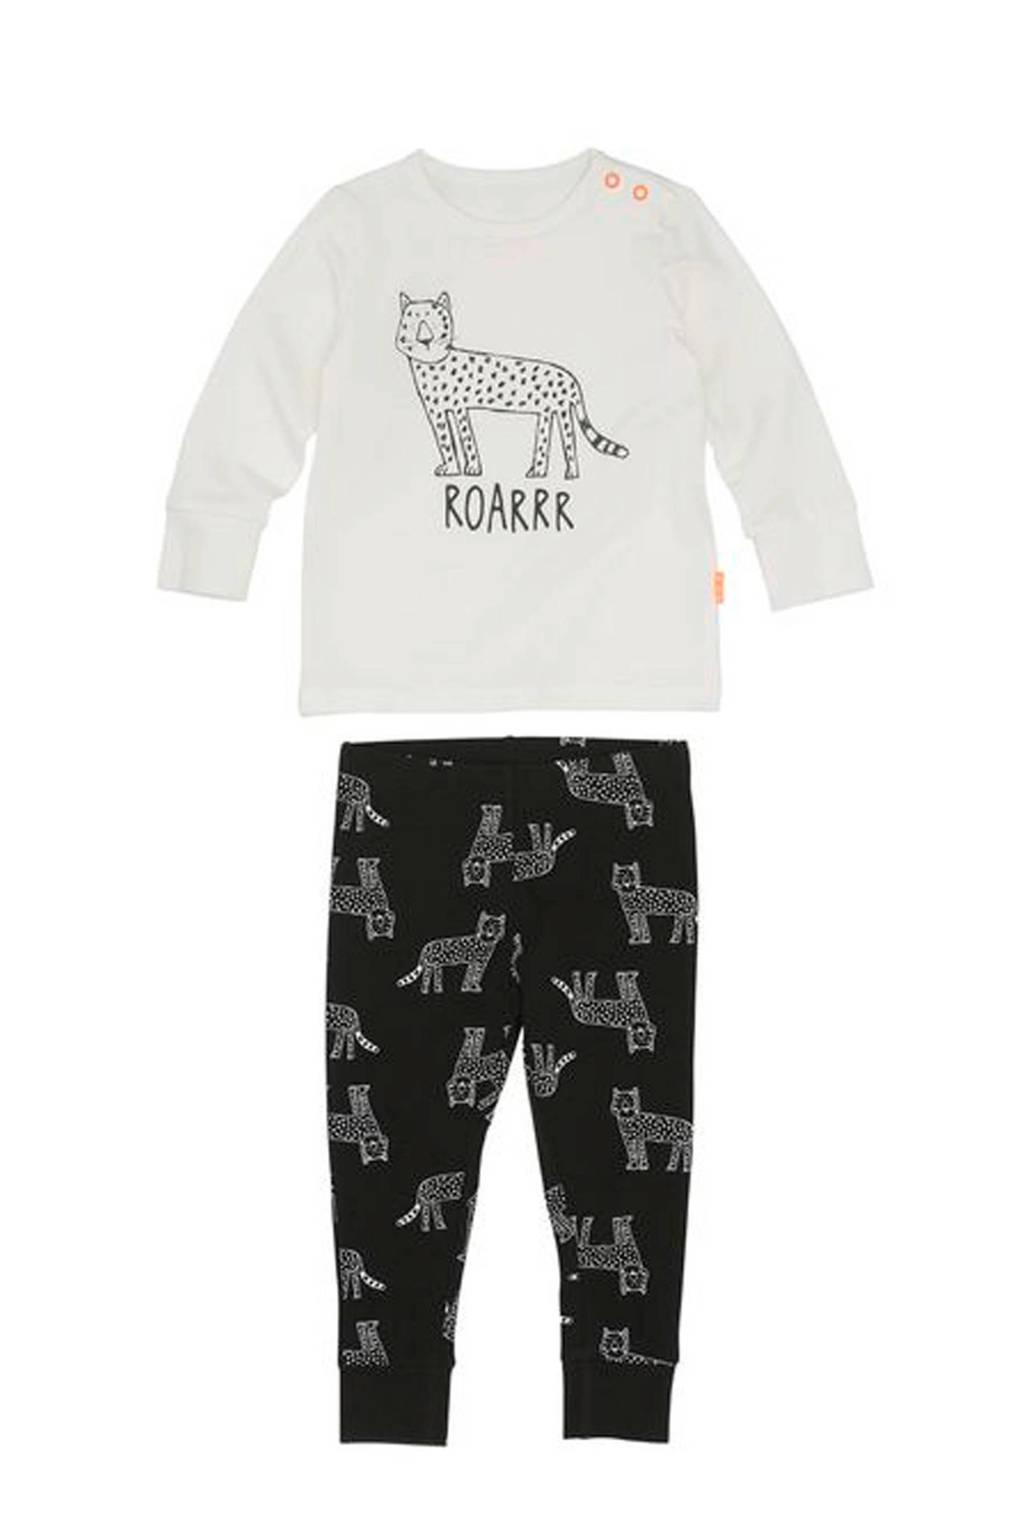 Hema Bamboe Jas.Hema Baby Pyjama Met Bamboe Zwart Wehkamp